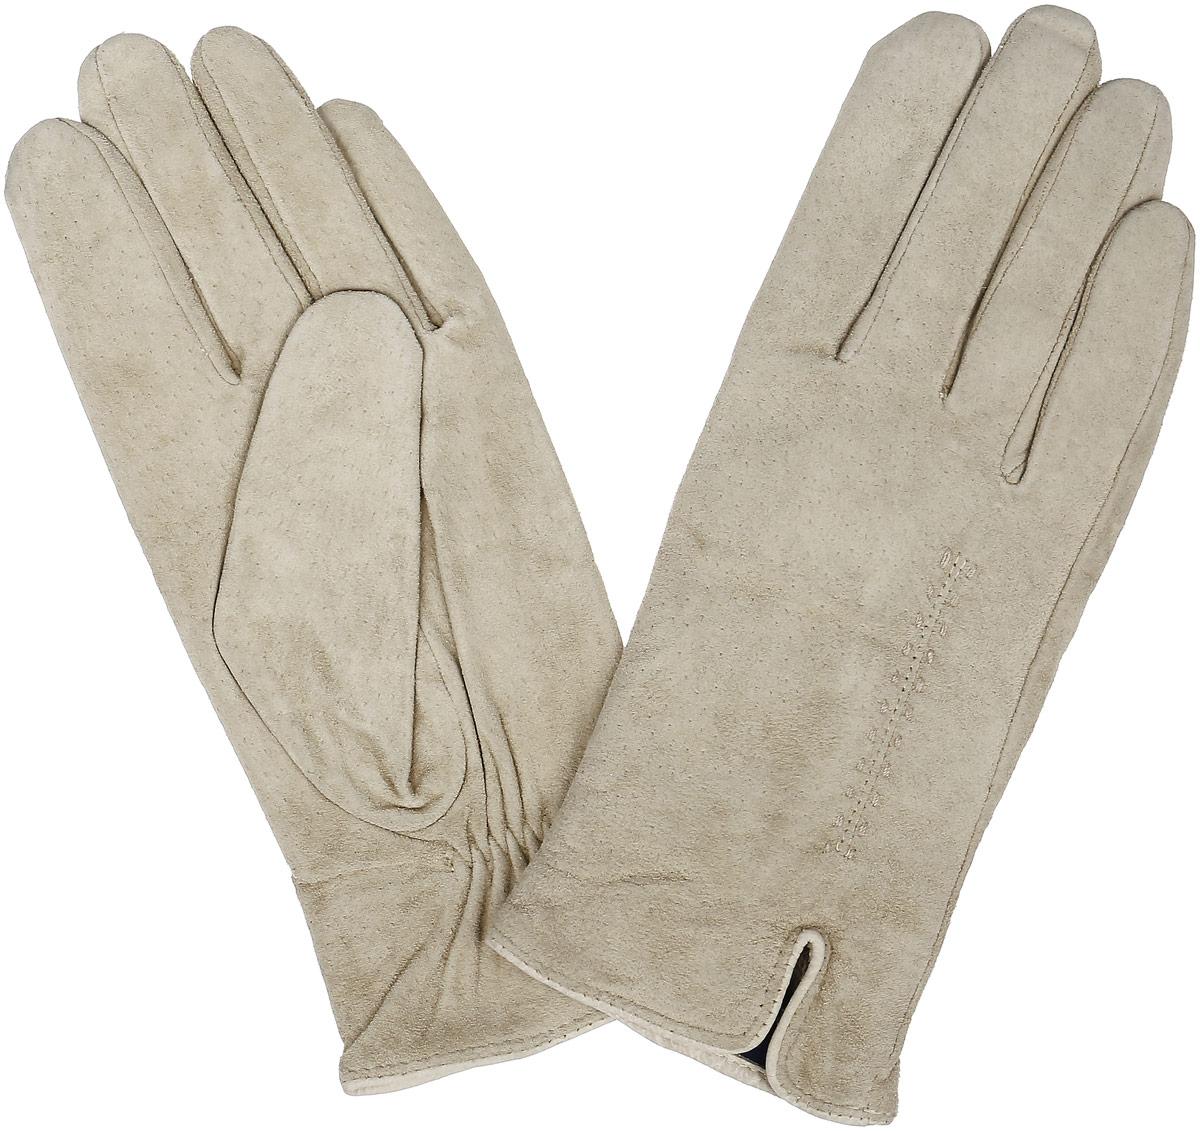 ПерчаткиS13_ALINA/BEIGE//11Стильные перчатки Dali Exclusive с шерстяной подкладкой выполнены из мягкой и приятной на ощупь натуральной замши. Лицевая сторона оформлена декоративными стежками и дополнена небольшим разрезом. Такие перчатки подчеркнут ваш стиль и неповторимость и придадут всему образу нотки женственности и элегантности.